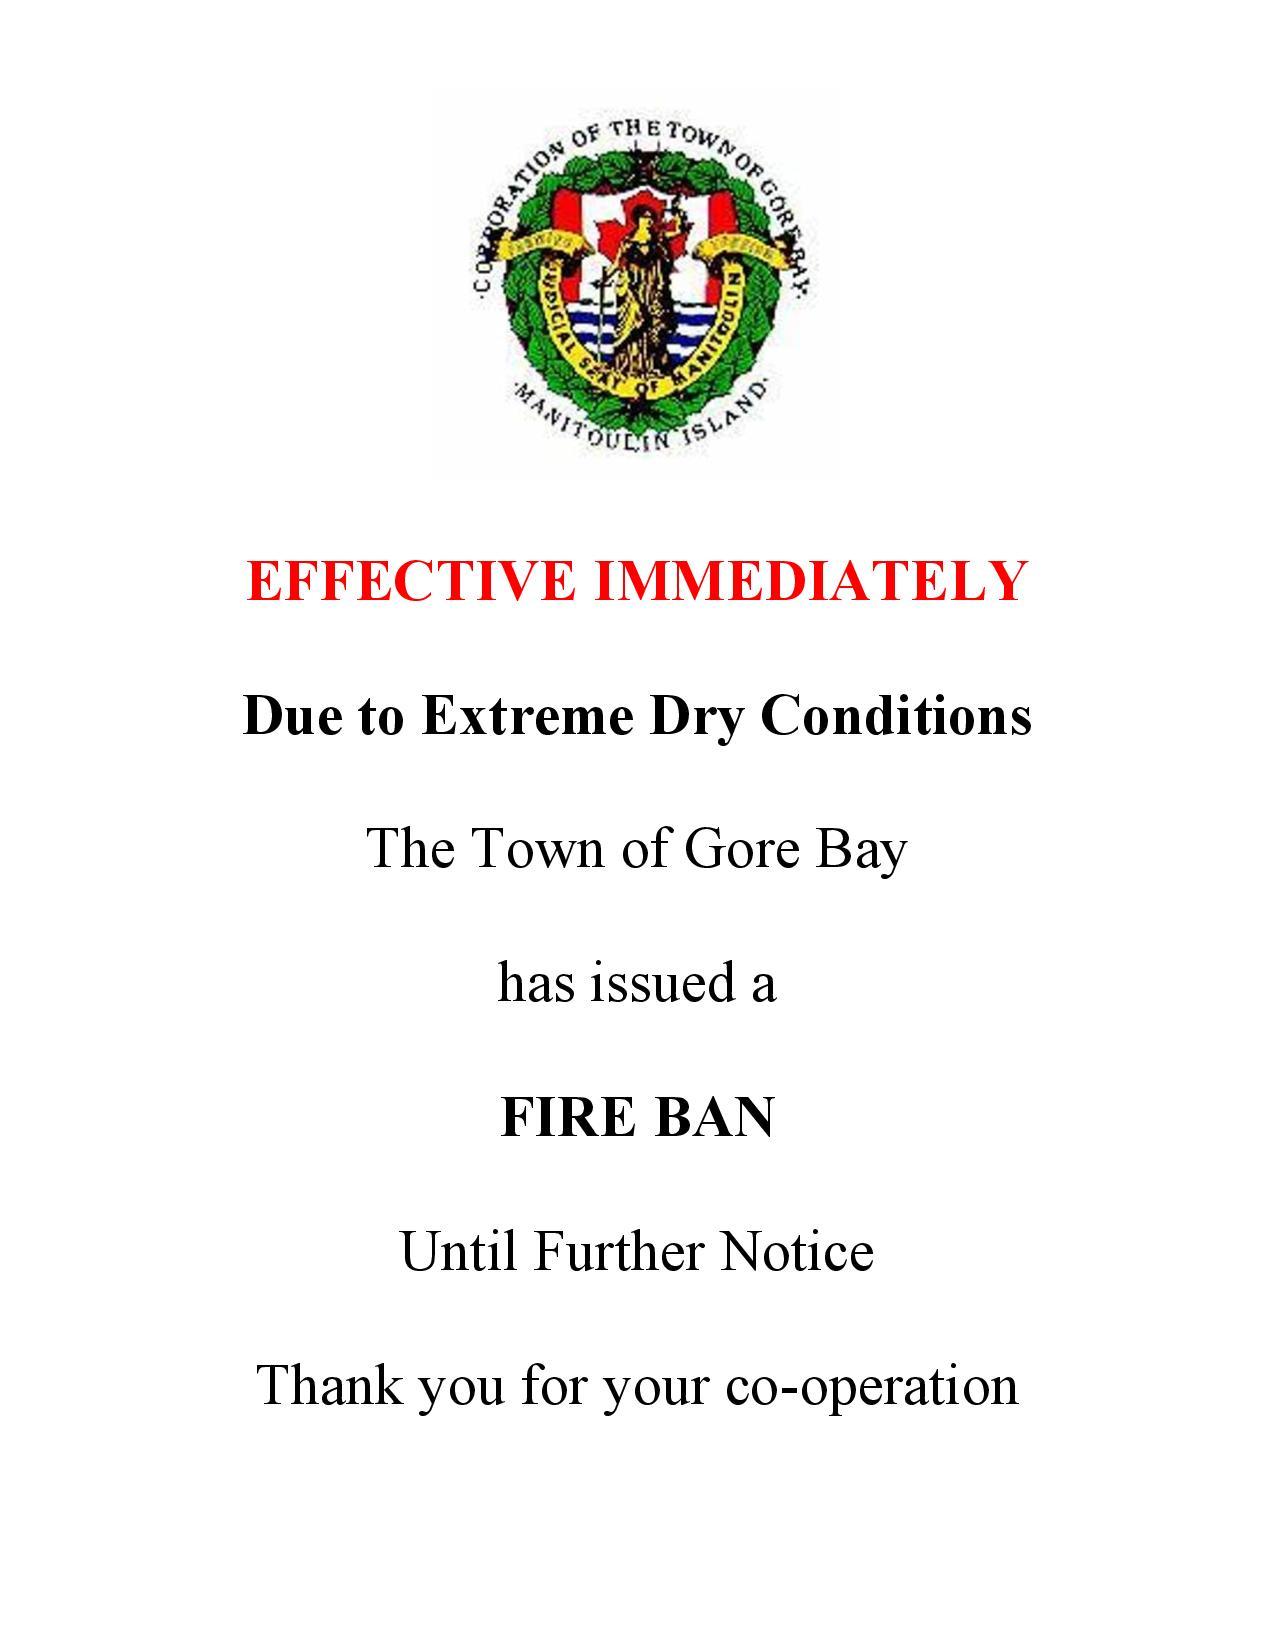 GORE BAY FIRE BAN